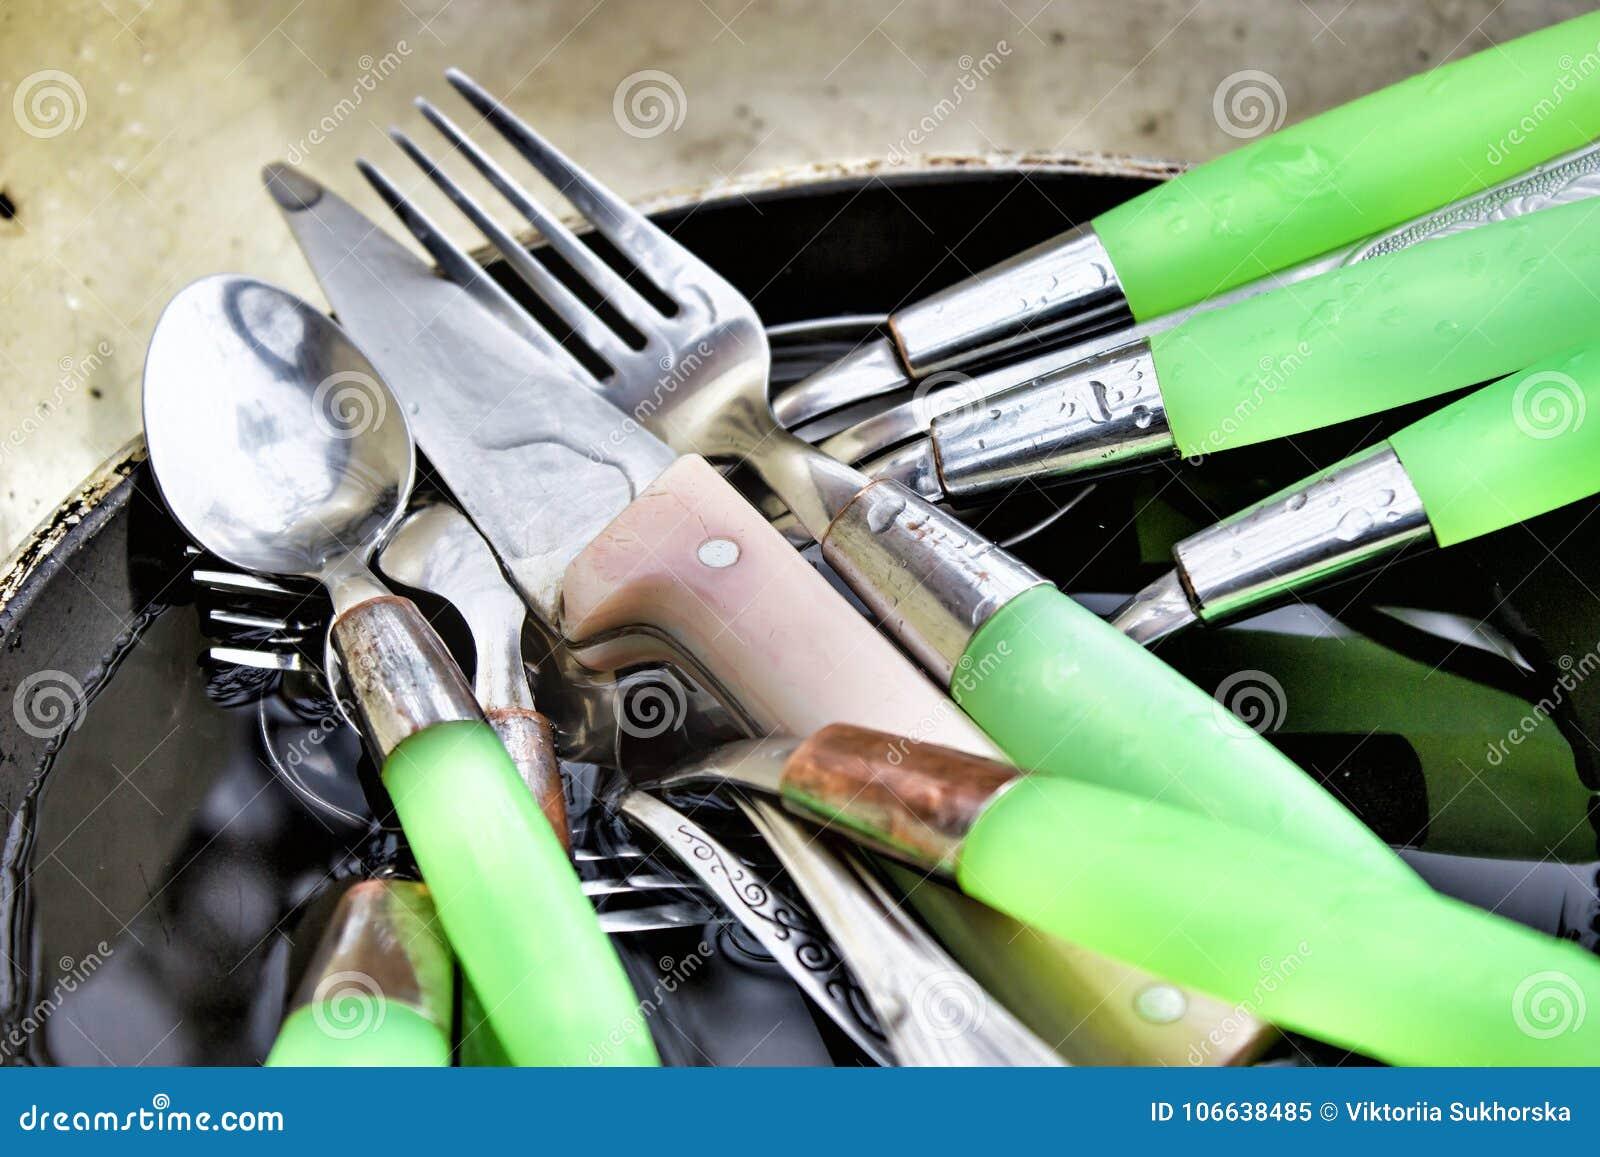 Las cucharas, las bifurcaciones y los cuchillos sucios están en la cacerola vieja en el fregadero af